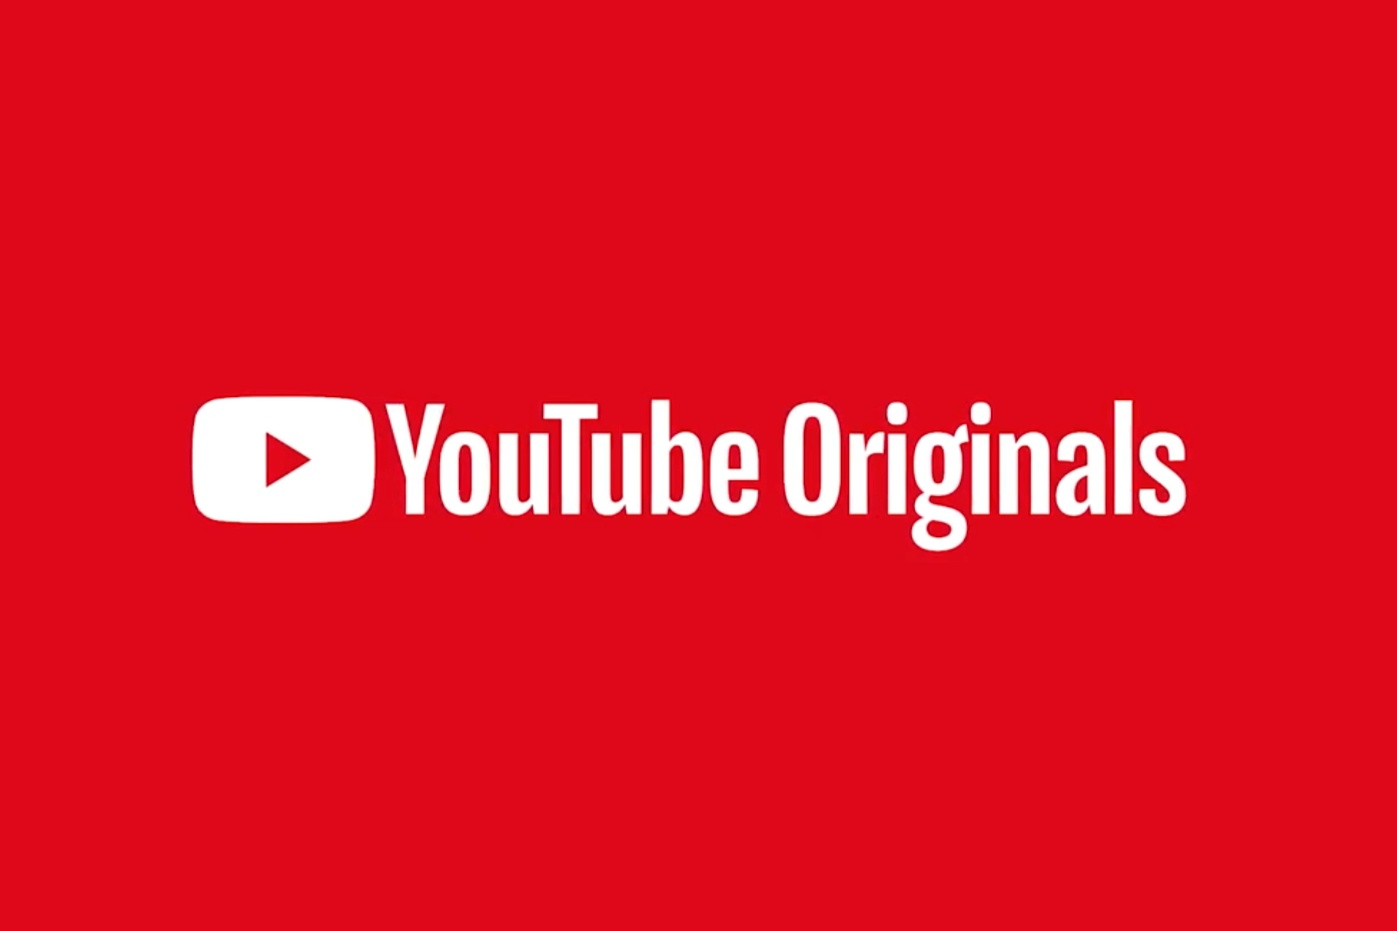 YouTube Originals za darmo dla wszystkich! Sprawdź szczegóły